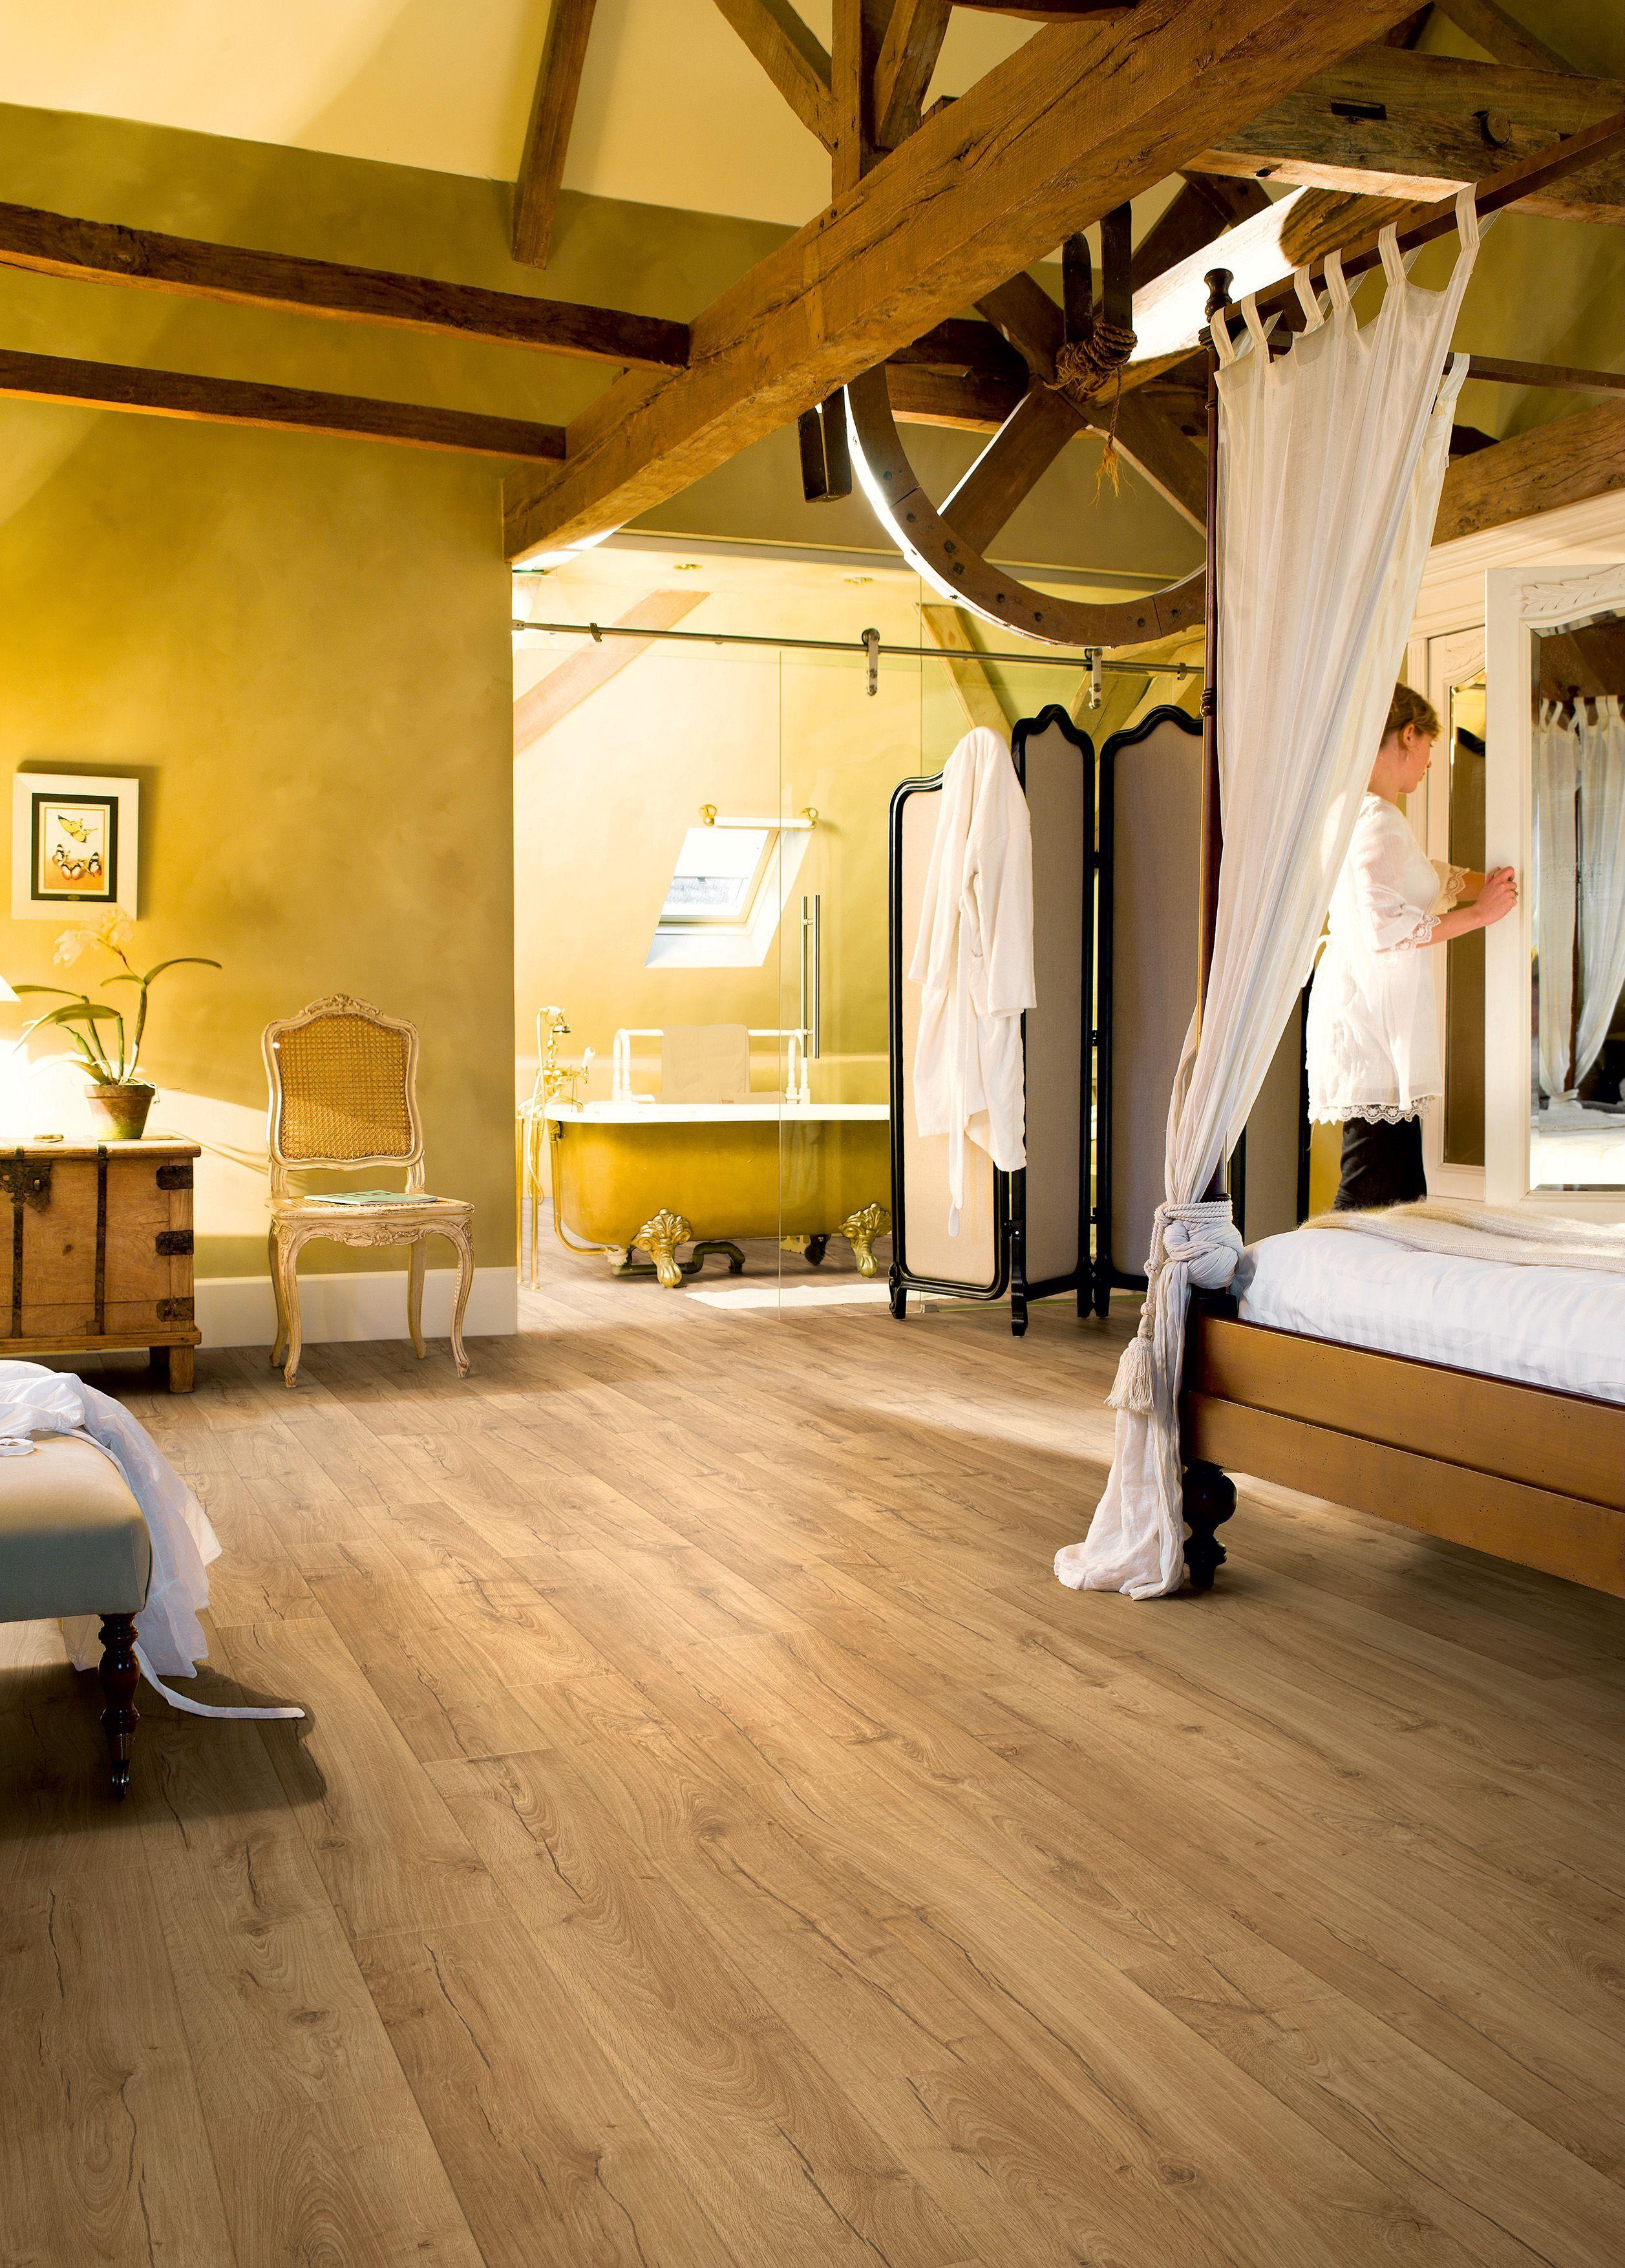 Quickstep Aquanto Oak Natural Look Laminate Flooring 1.835